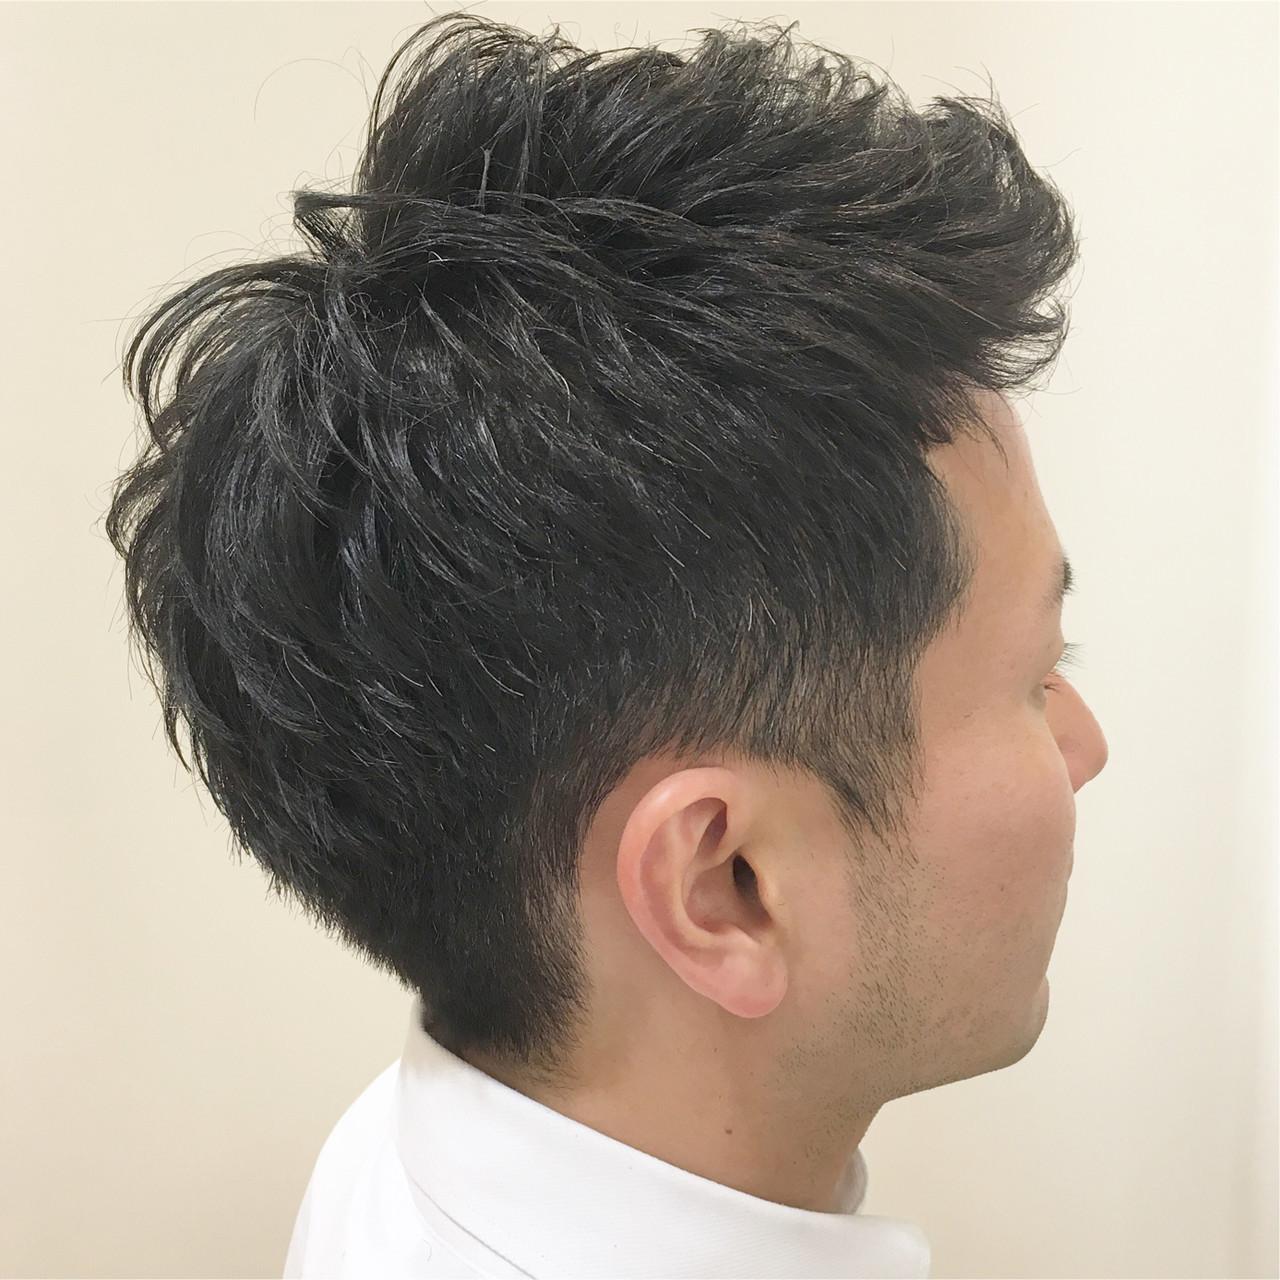 刈り上げ アップバング メンズ ツーブロック ヘアスタイルや髪型の写真・画像